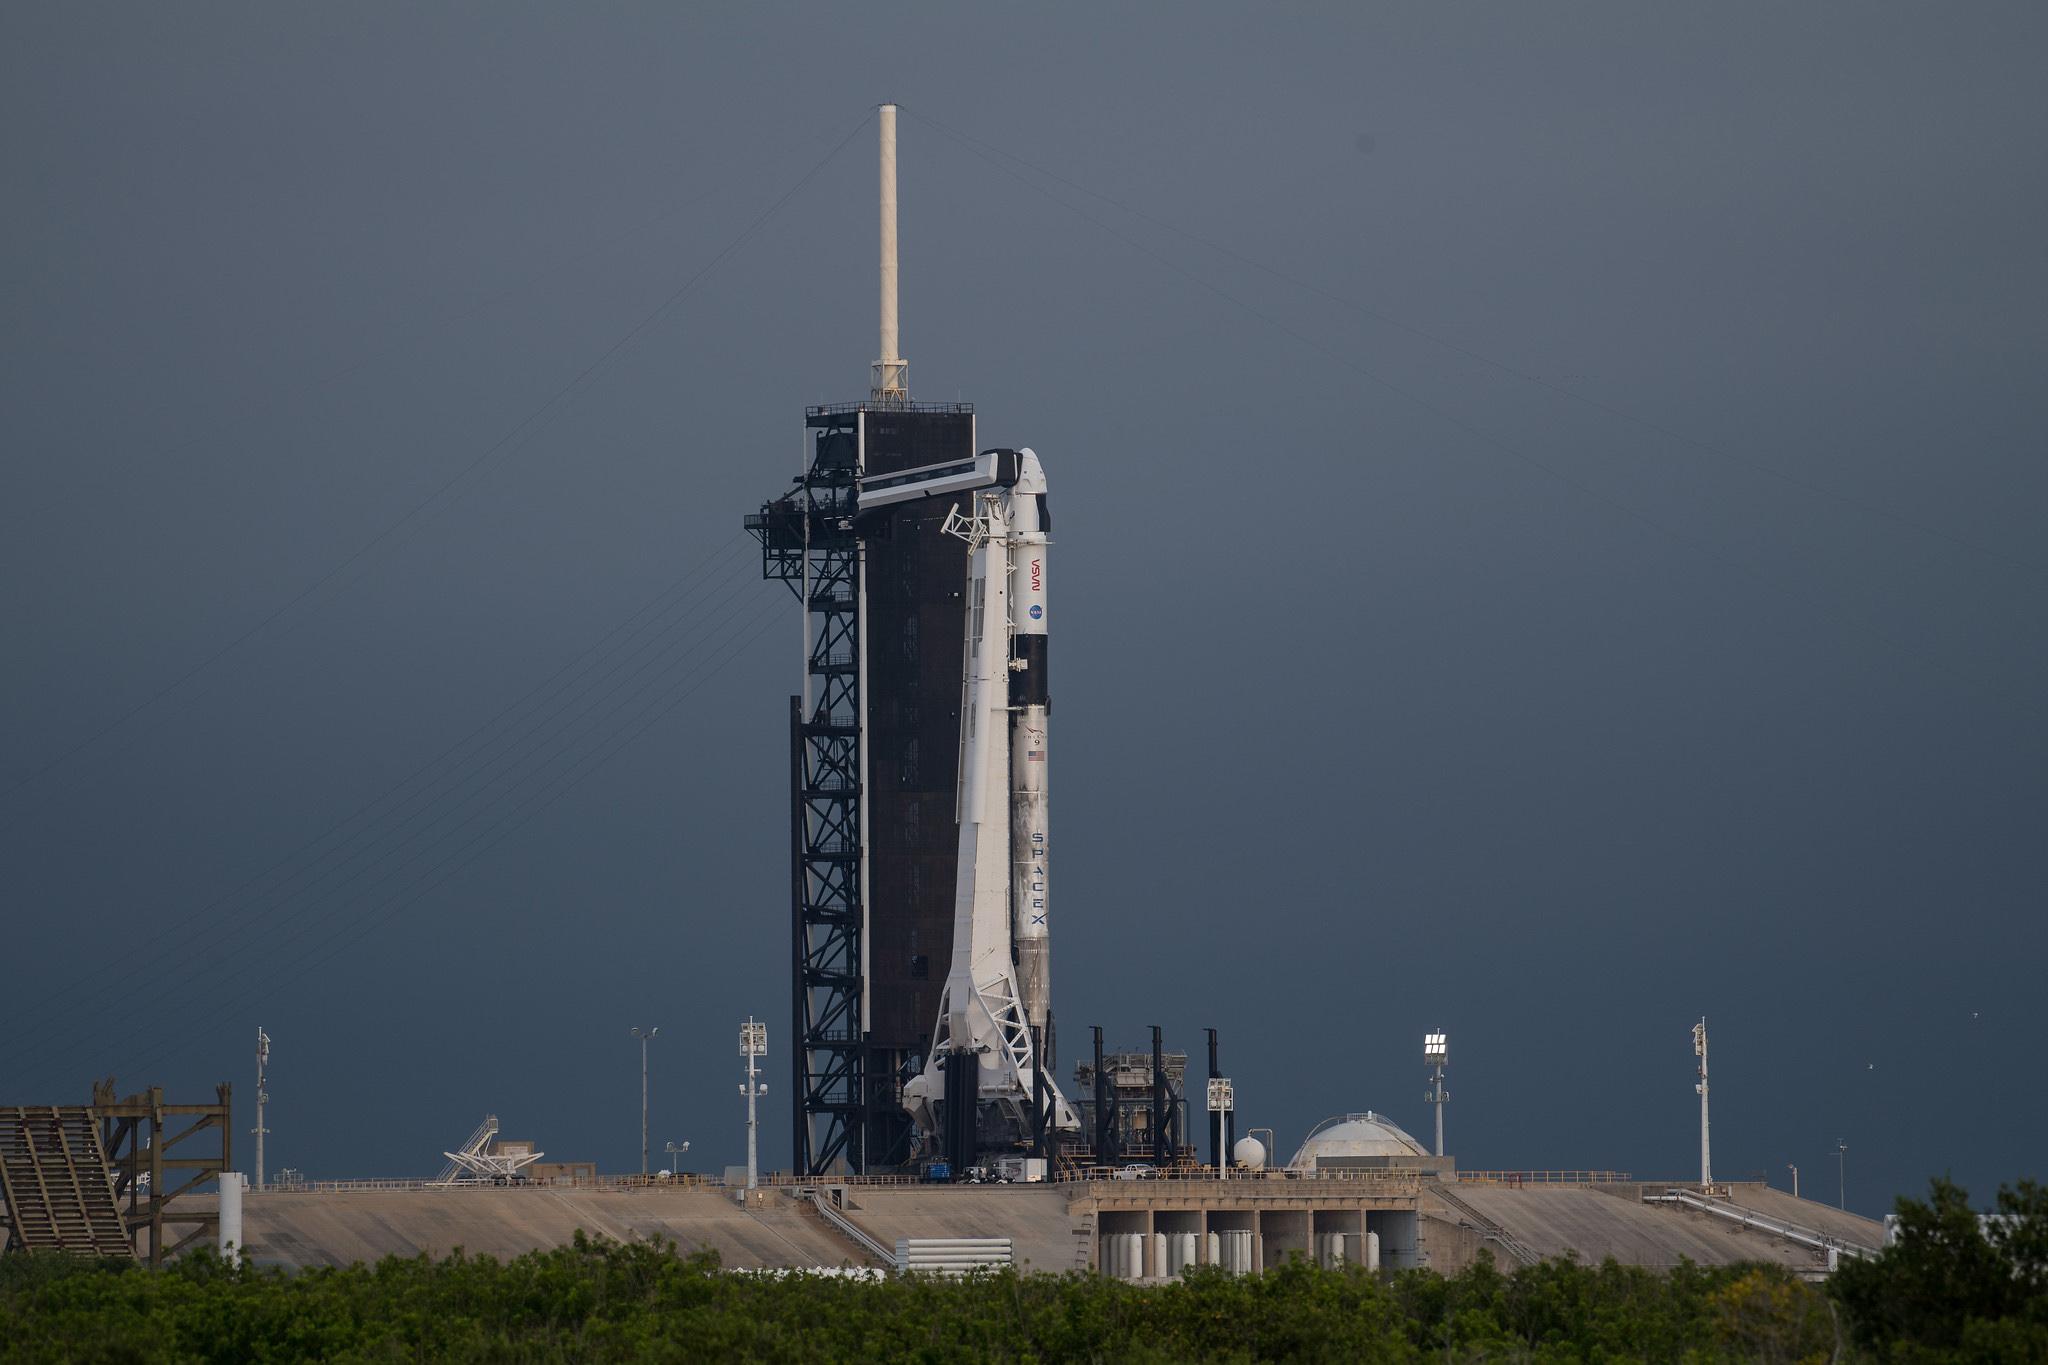 В ожидании старта: SpaceX отсняла ракету миссии Crew-2 с дрона на исторической стартовой площадке 39A